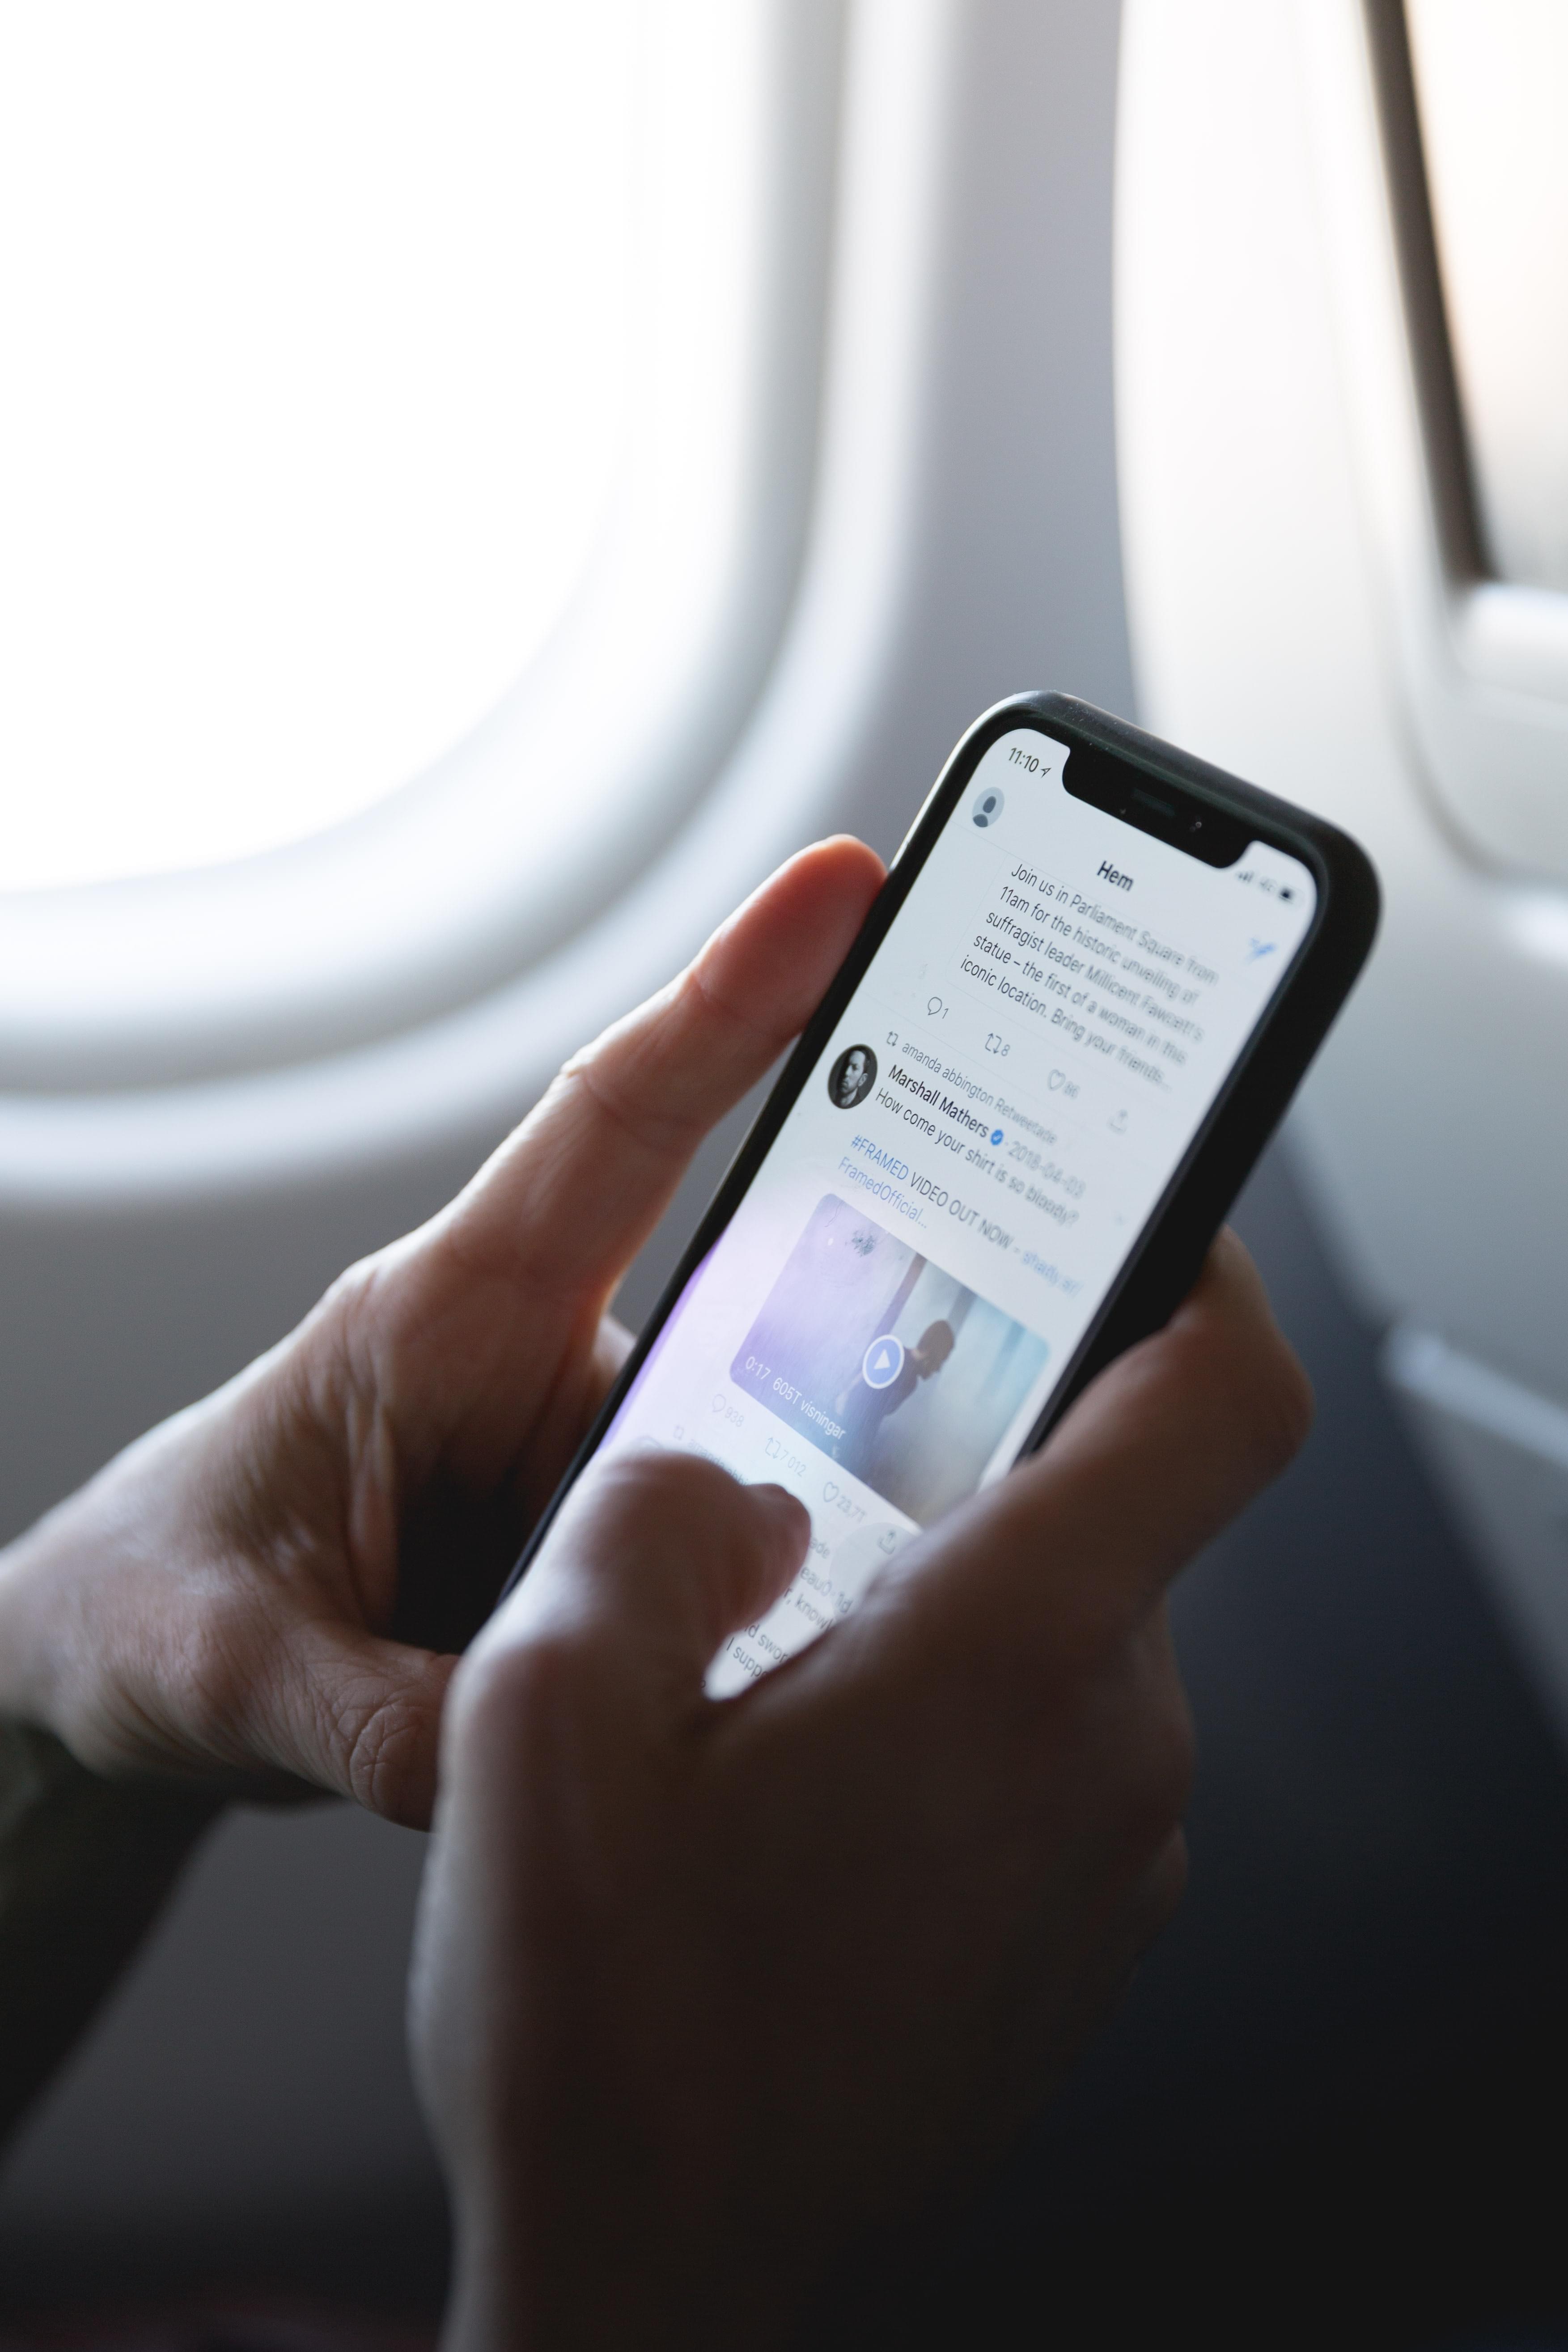 Best of 2019: Wireless 4G, LTE Pocket WiFi Rental in Japan